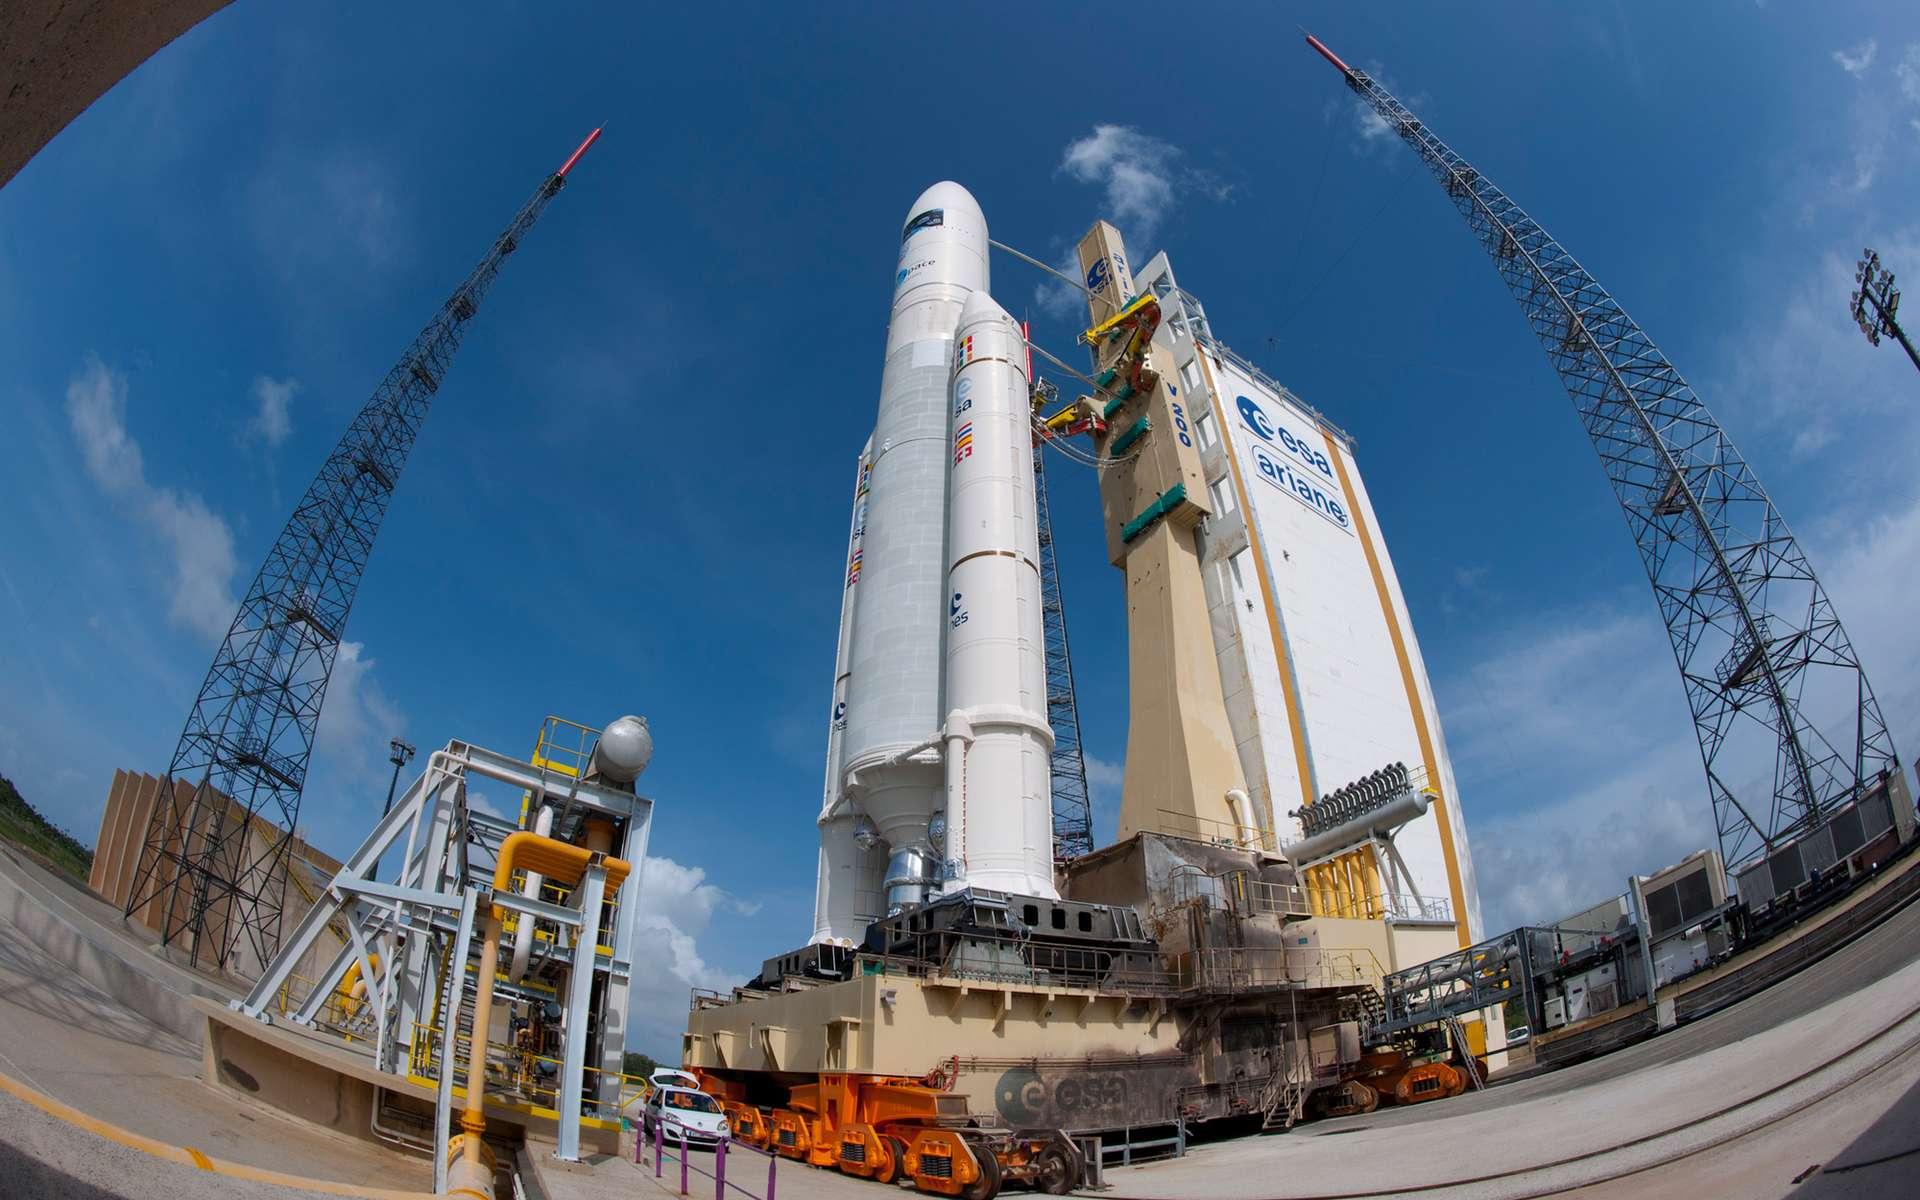 Lors de son lancement prévu ce soir, Ariane 5 devrait battre un nouveau record de performance. © ESA, Cnes, Arianespace, Service Optique du CSG